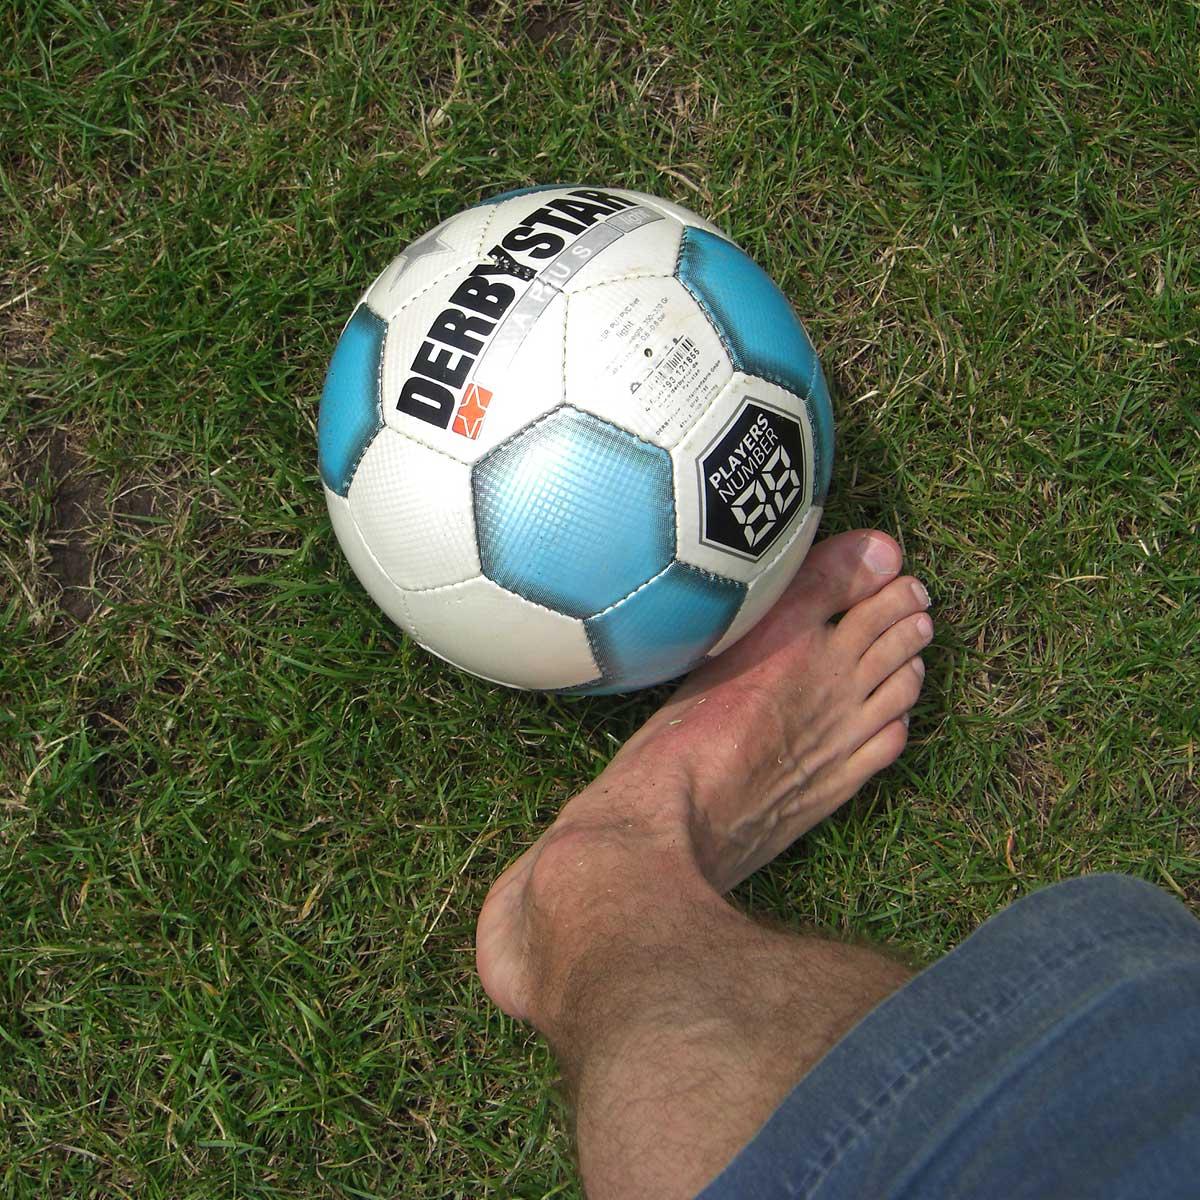 Kick it like in Beckingen